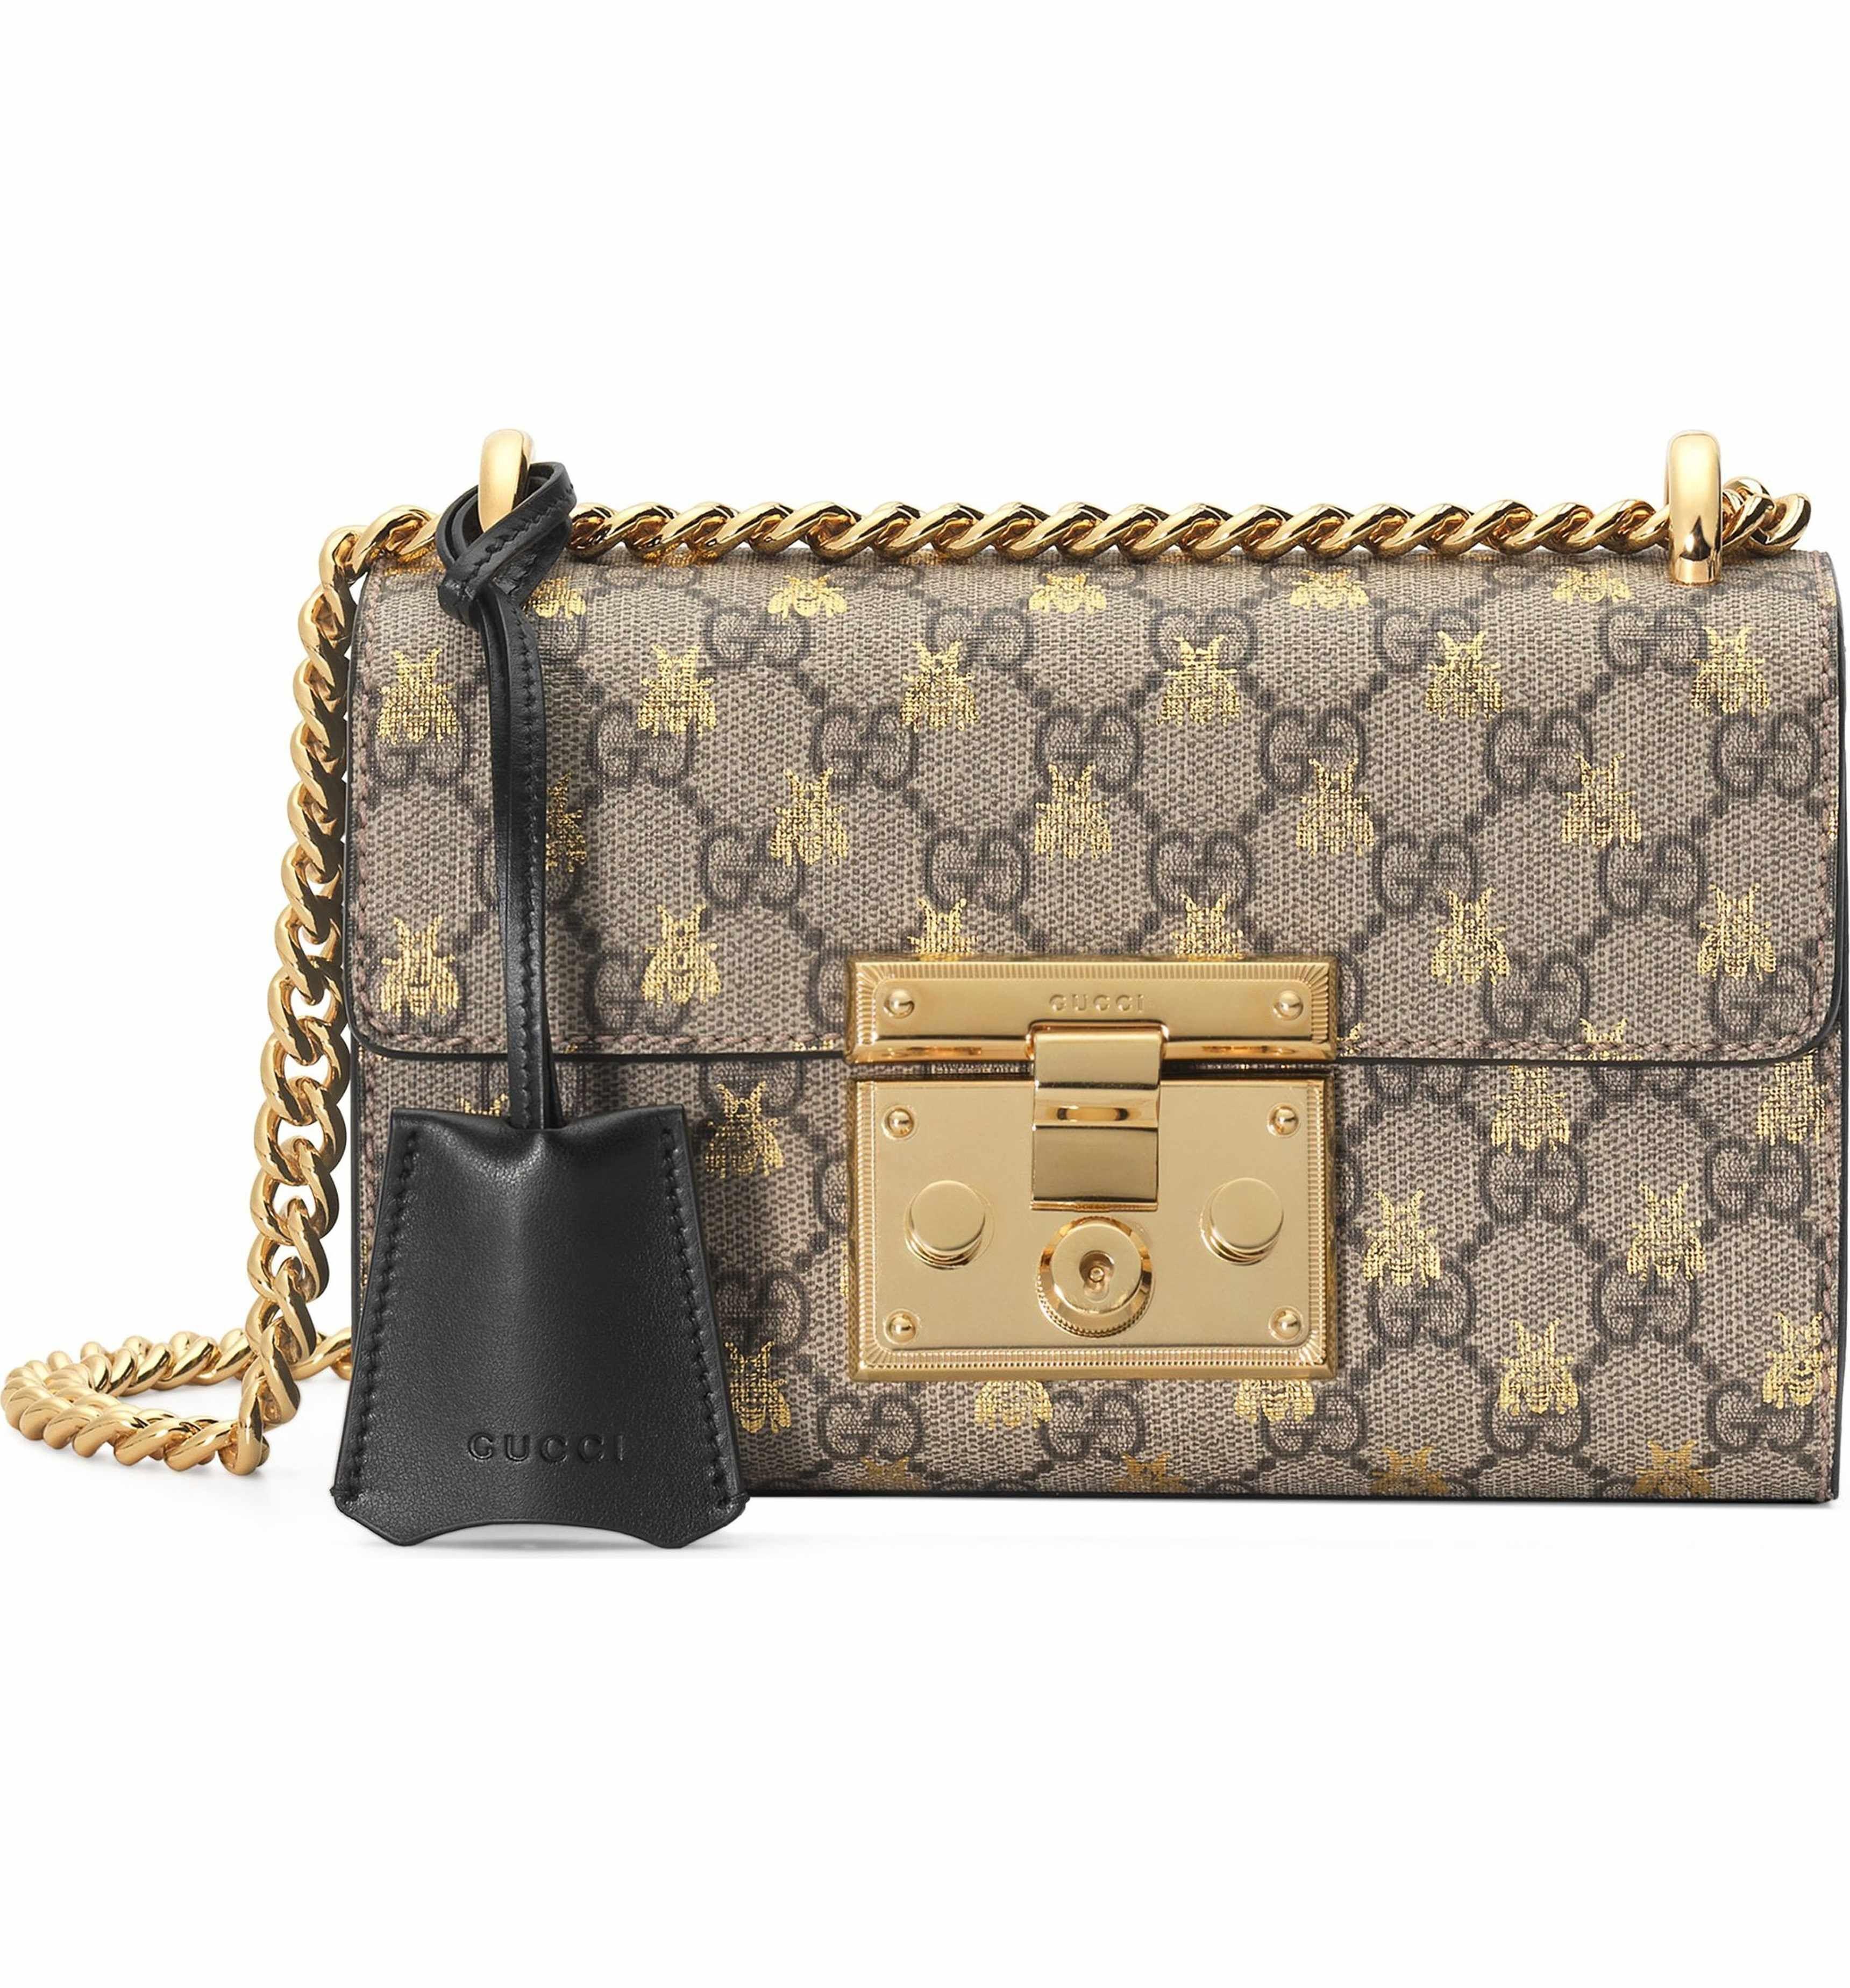 57a155490c57 Main Image - Gucci Small Padlock GG Supreme Bee Shoulder Bag ...